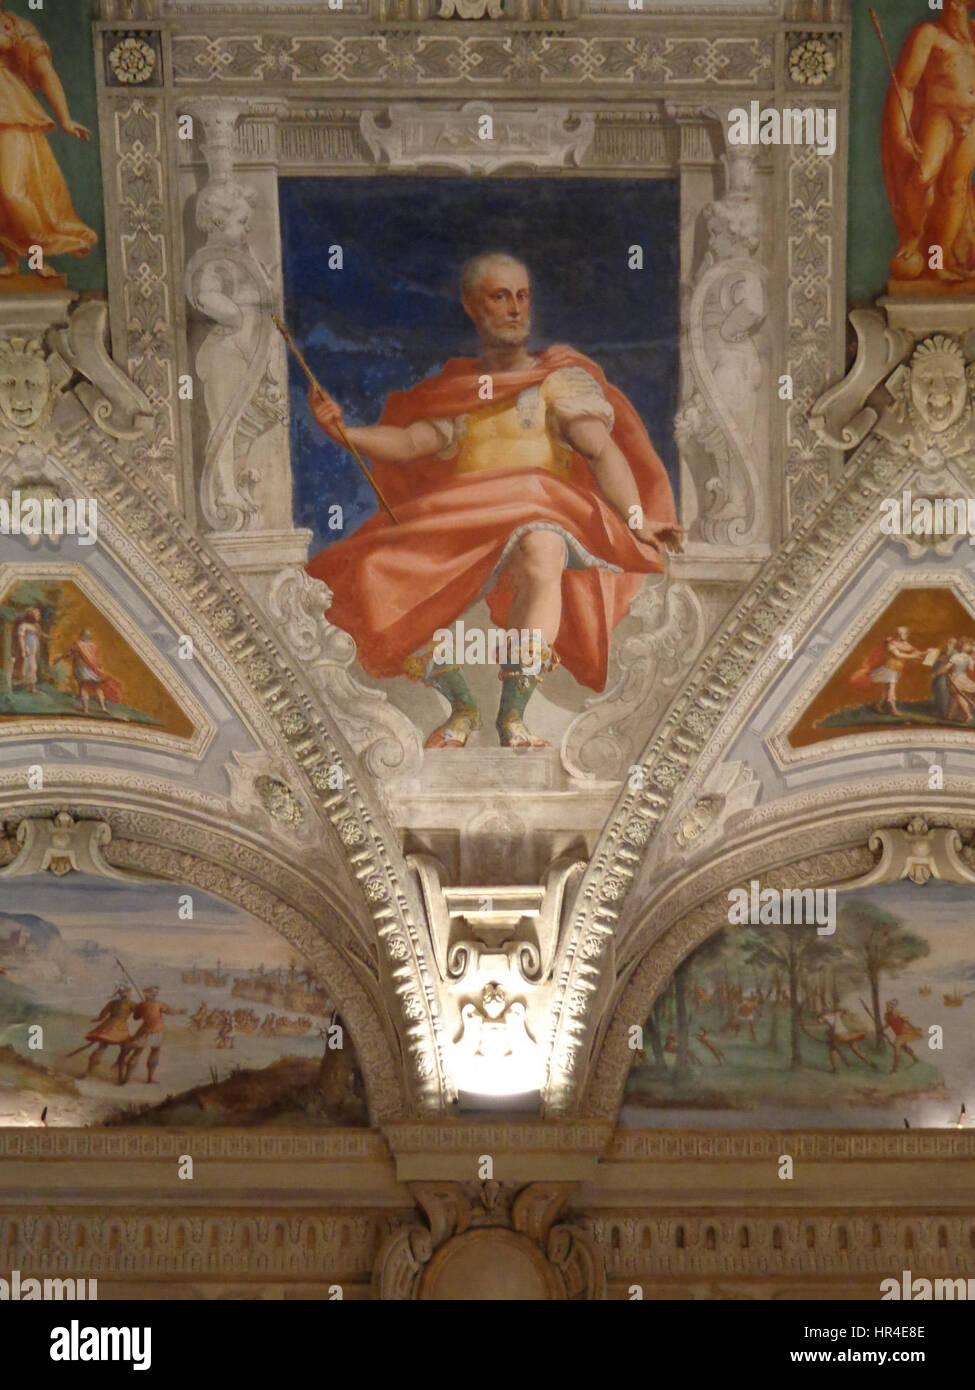 Palazzo della Meridiana Salone Cambiaso Figura 3a Stock Photo